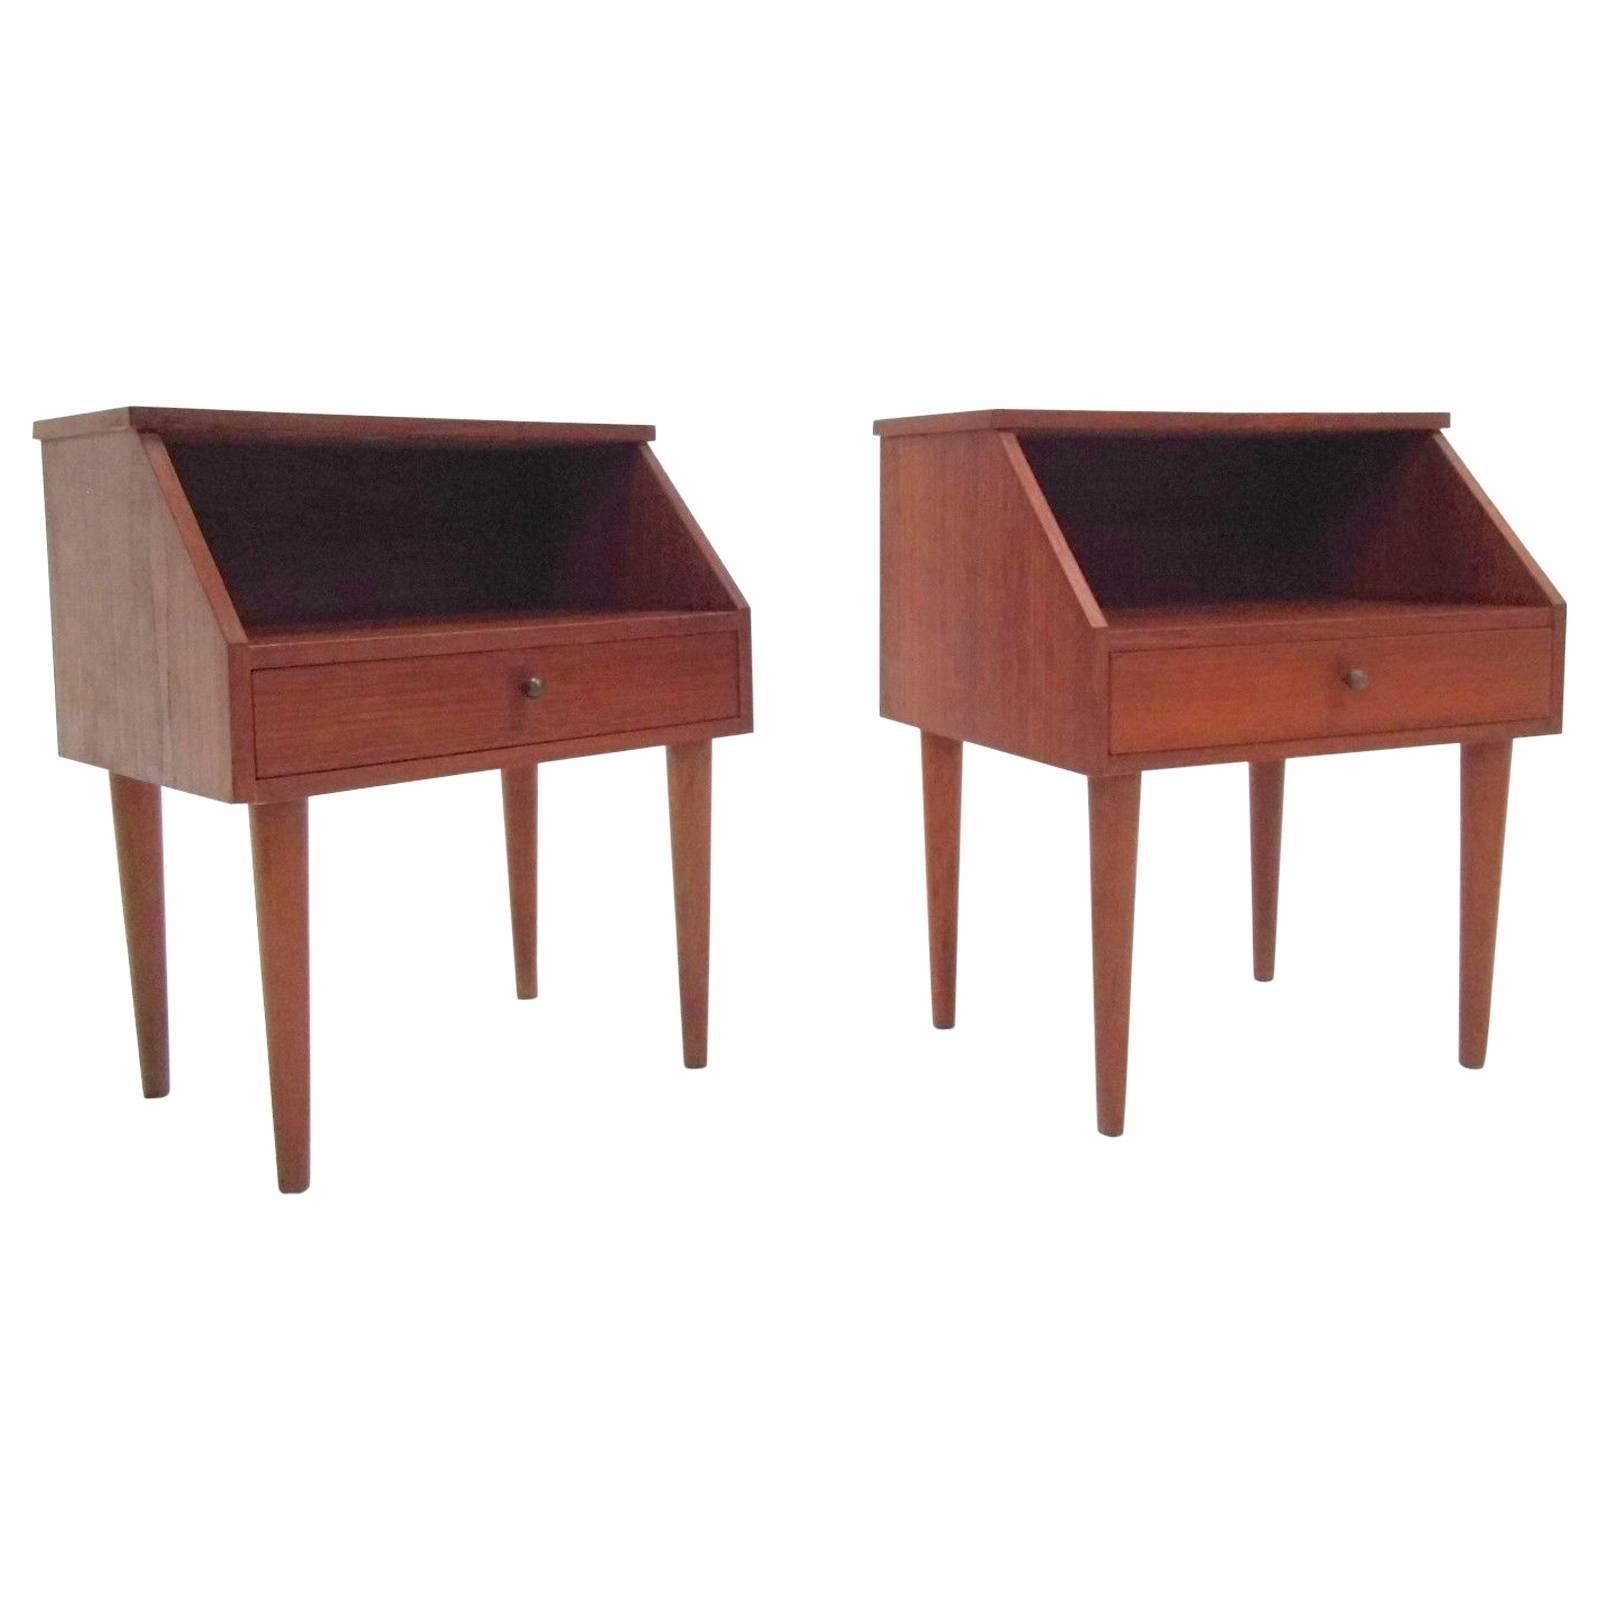 Teak Bedroom Furniture 112 For Sale at 1stdibs